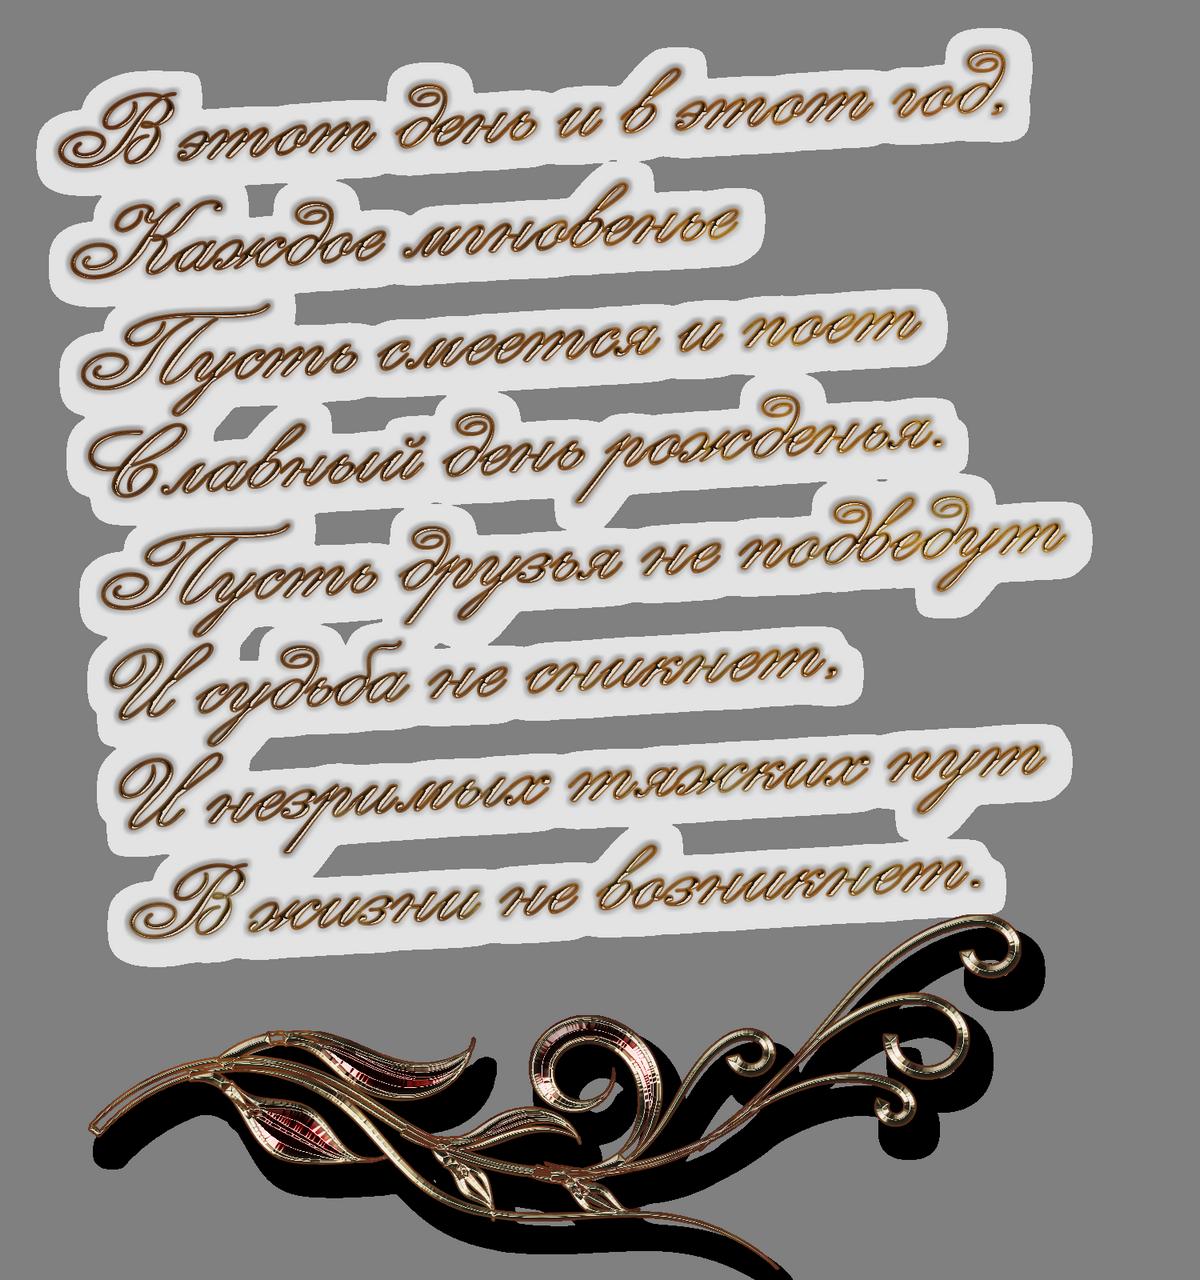 Как красиво оформить стих в открытке, скрапбукинг днем рождения